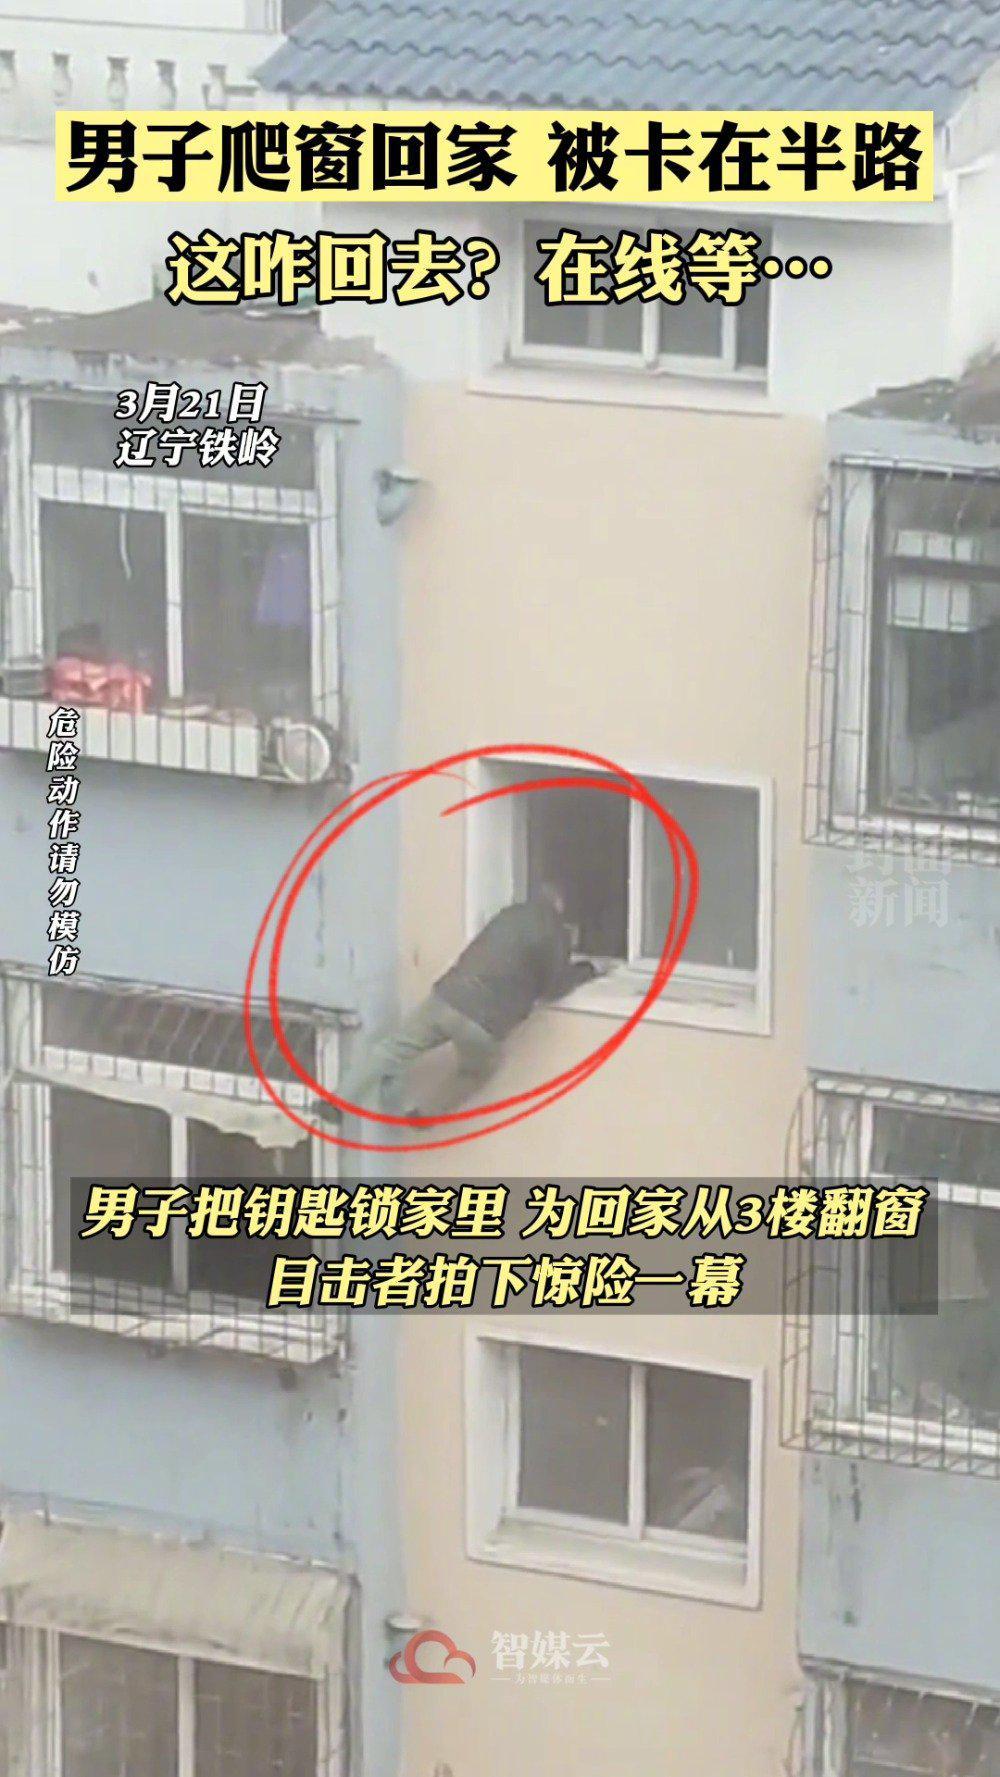 男子钥匙锁家里爬窗被卡